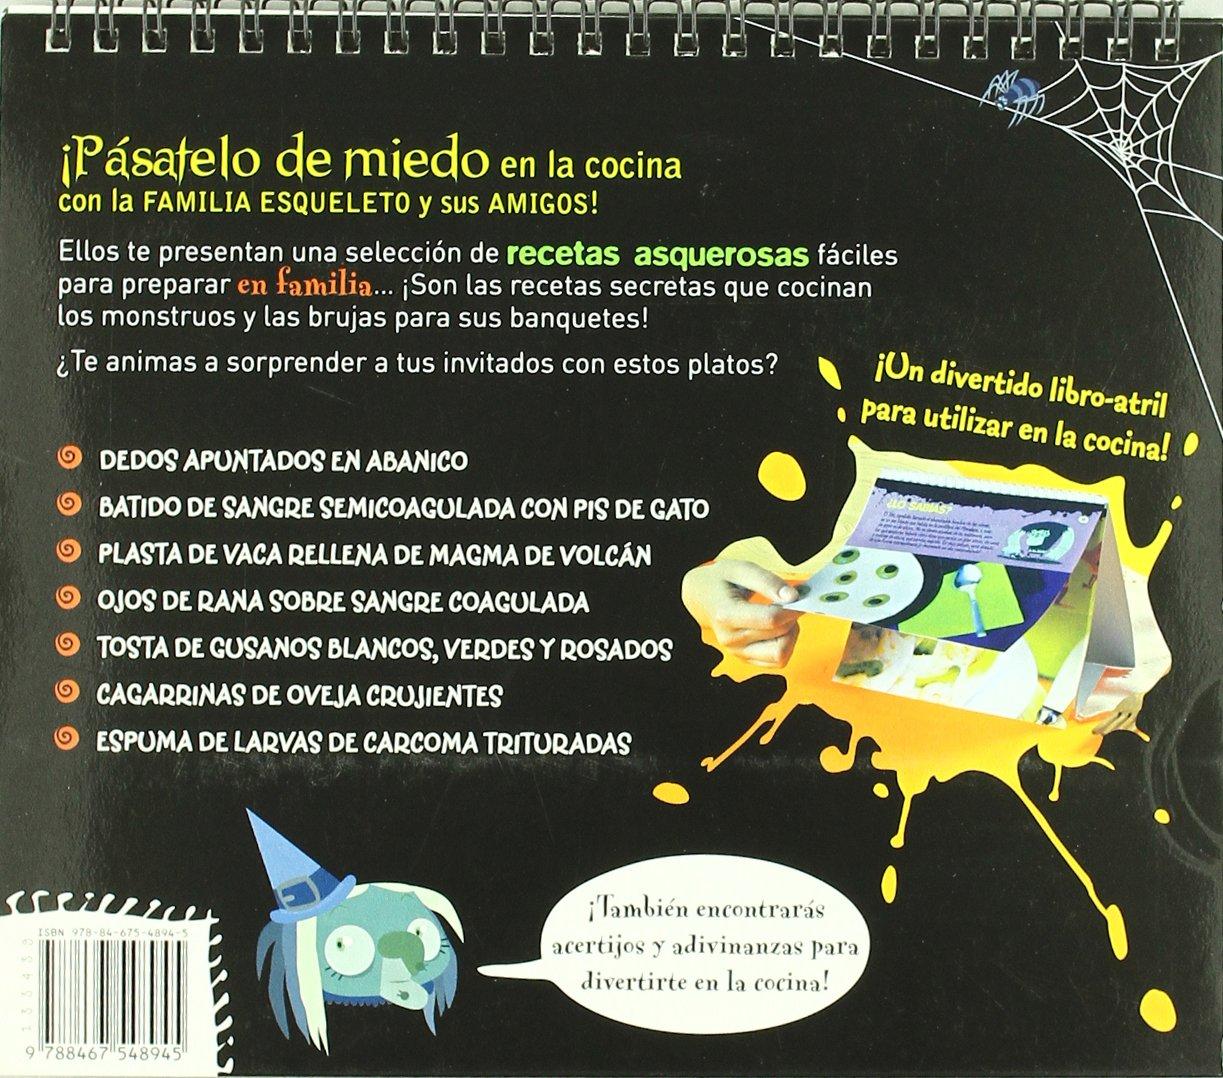 Pásatelo de miedo en la cocina: las recetas asquerosas de la familia esqueleto y sus amigos: Agapea: 9788467548945: Amazon.com: Books